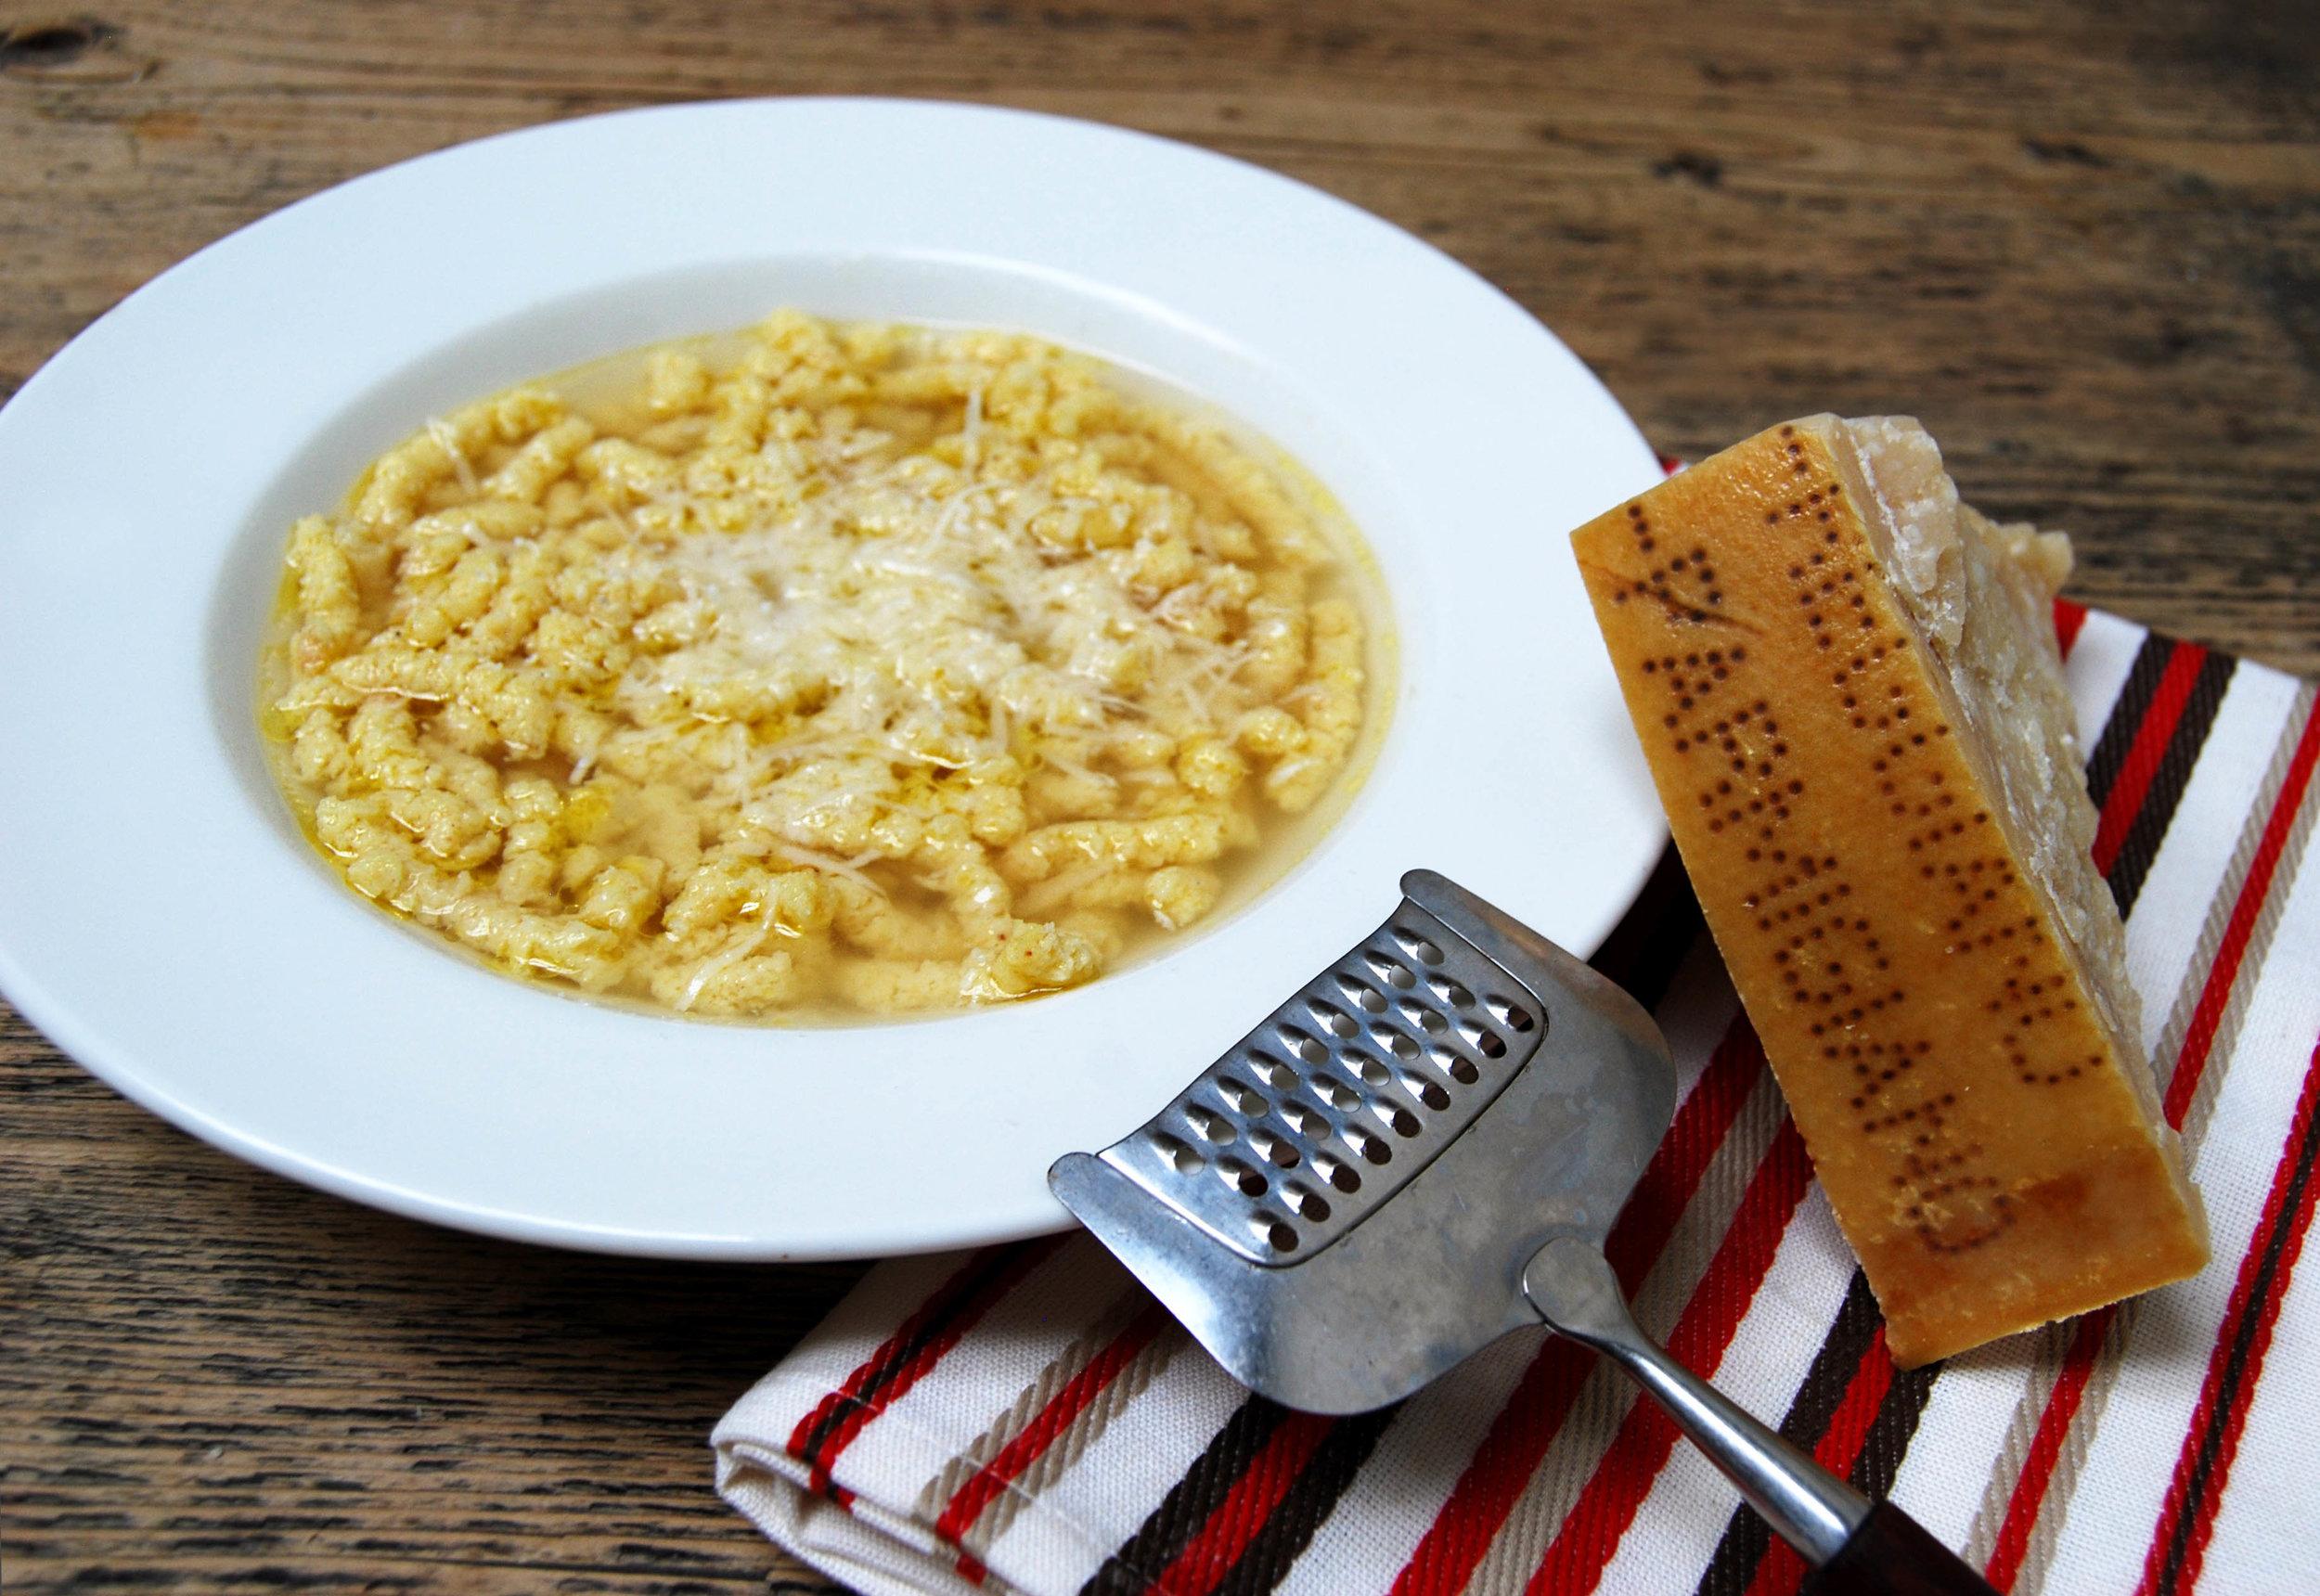 passatelli in brodo with parmigiano reggiano web.jpg